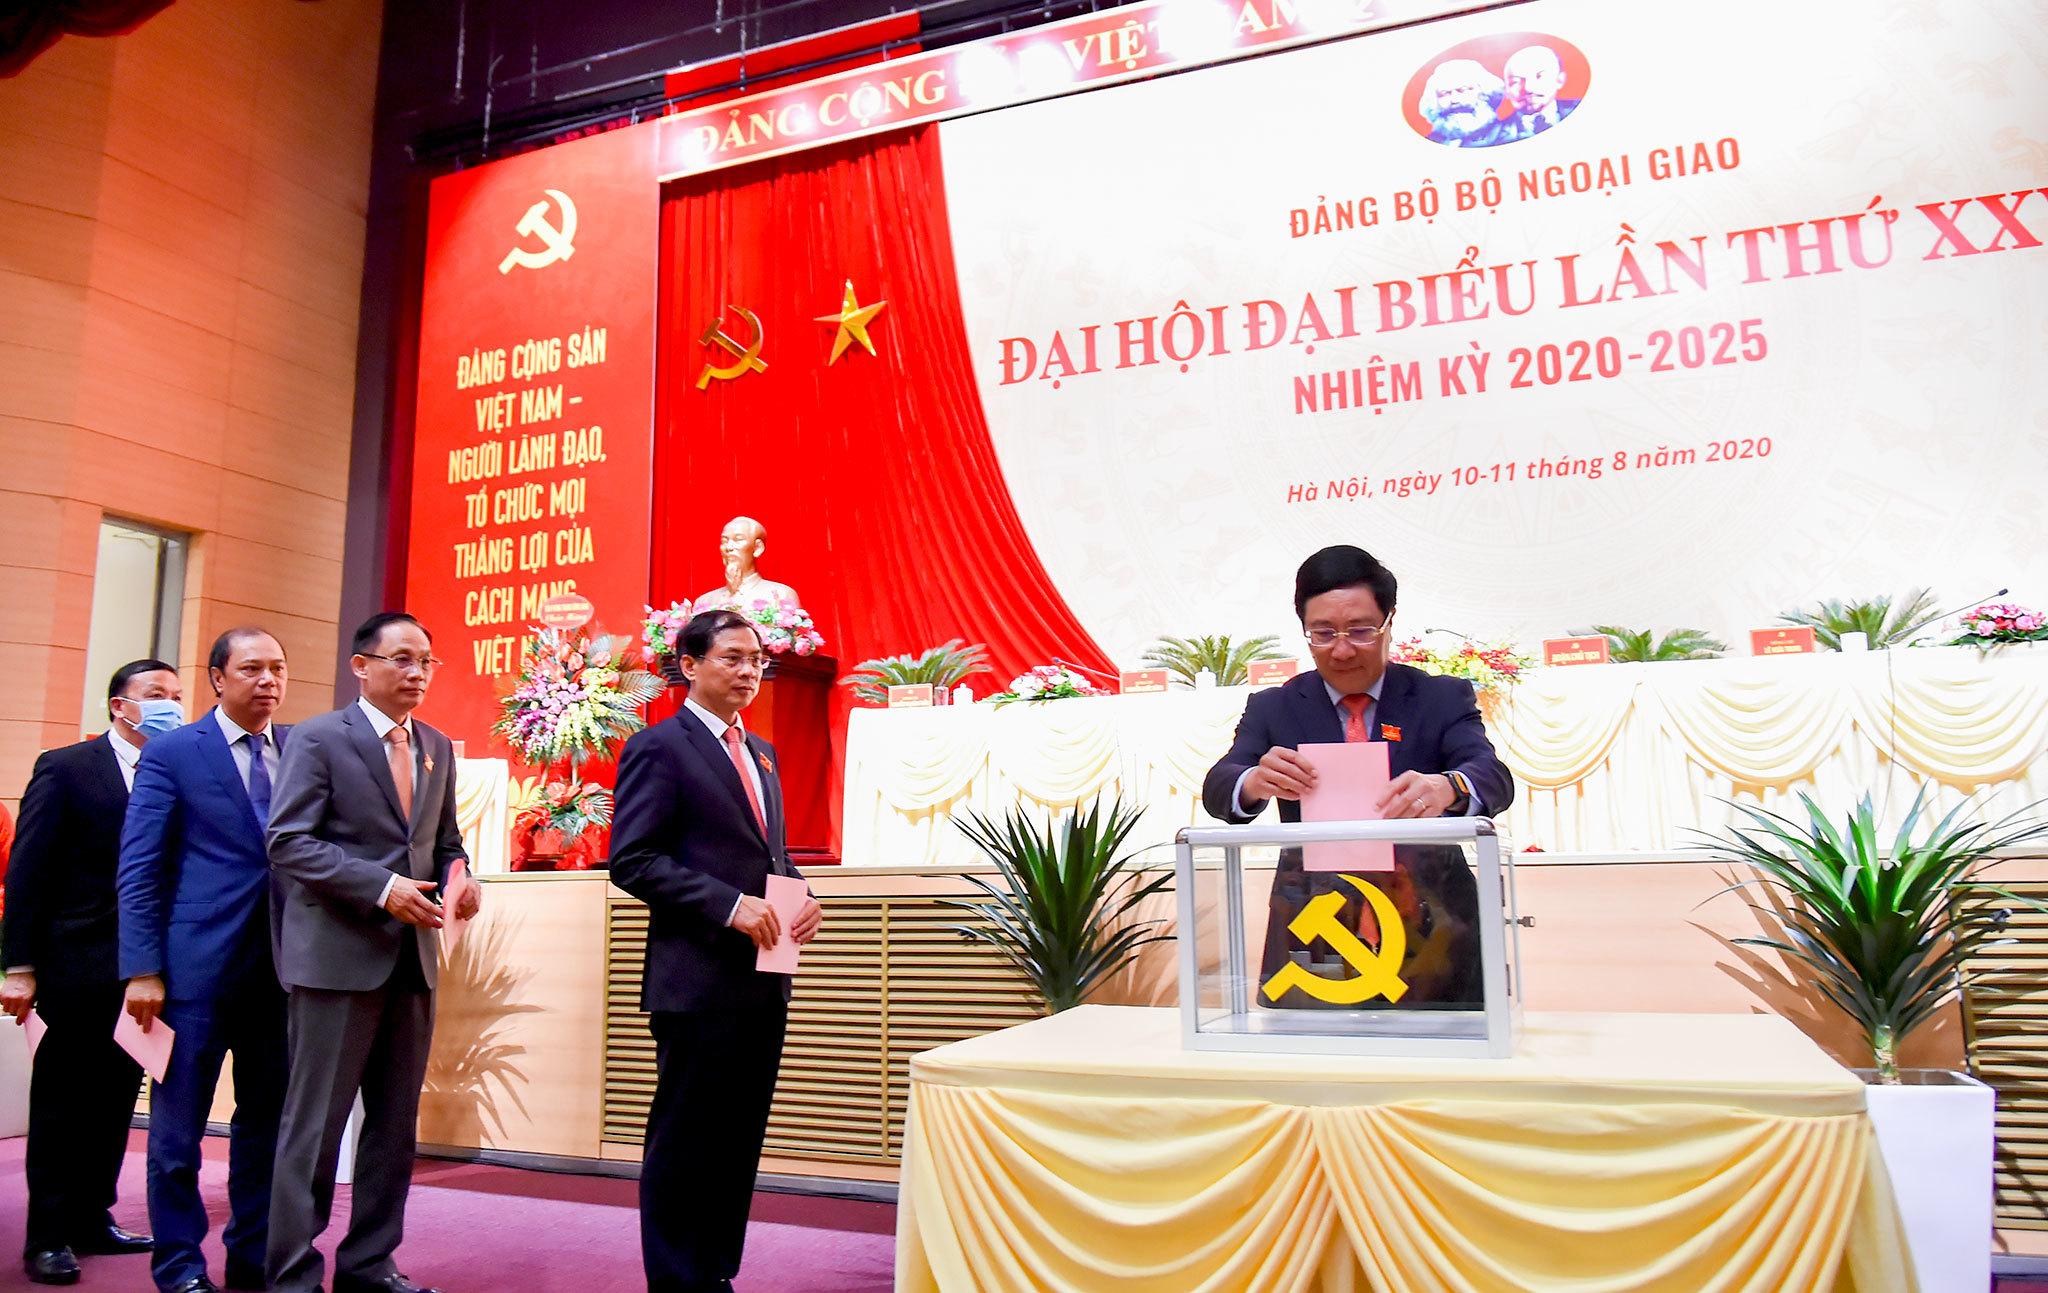 Ông Bùi Thanh Sơn giữ chức Bí thư Đảng ủy Bộ Ngoại giao